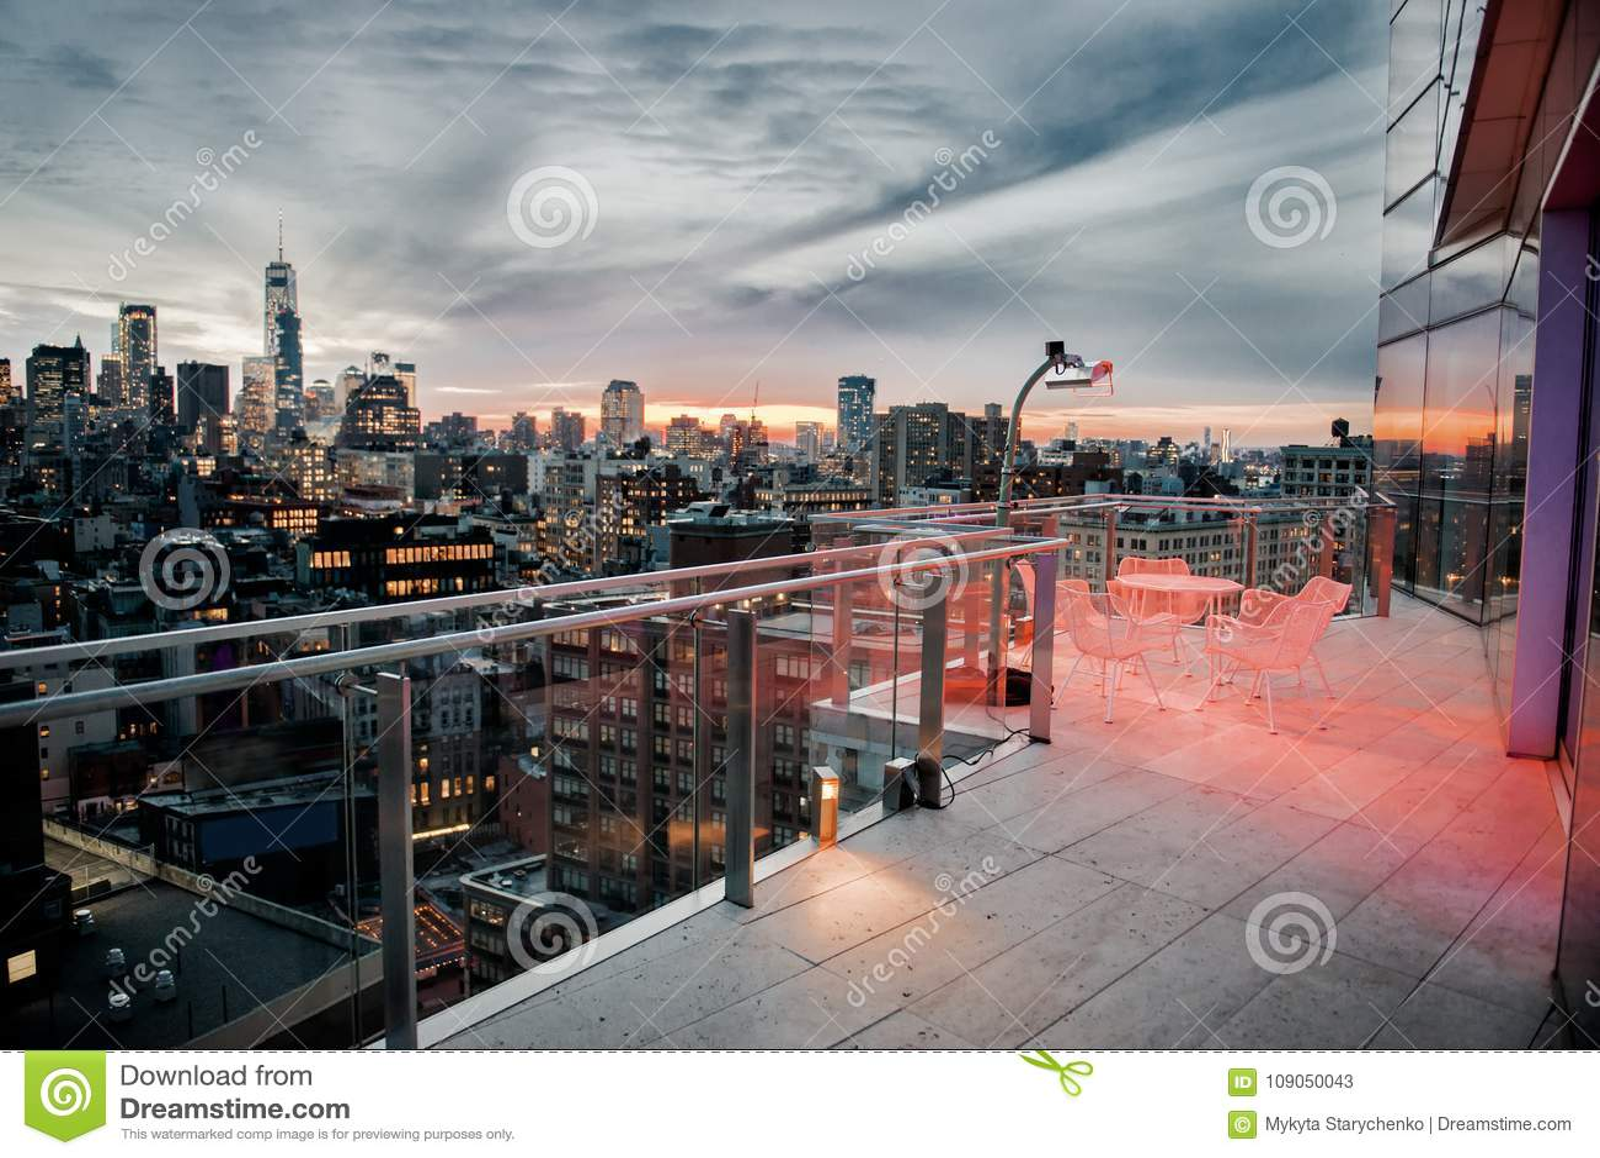 有使变冷的区域的豪华城市屋顶阳台在纽约曼哈顿中间地区 精华房地产概念